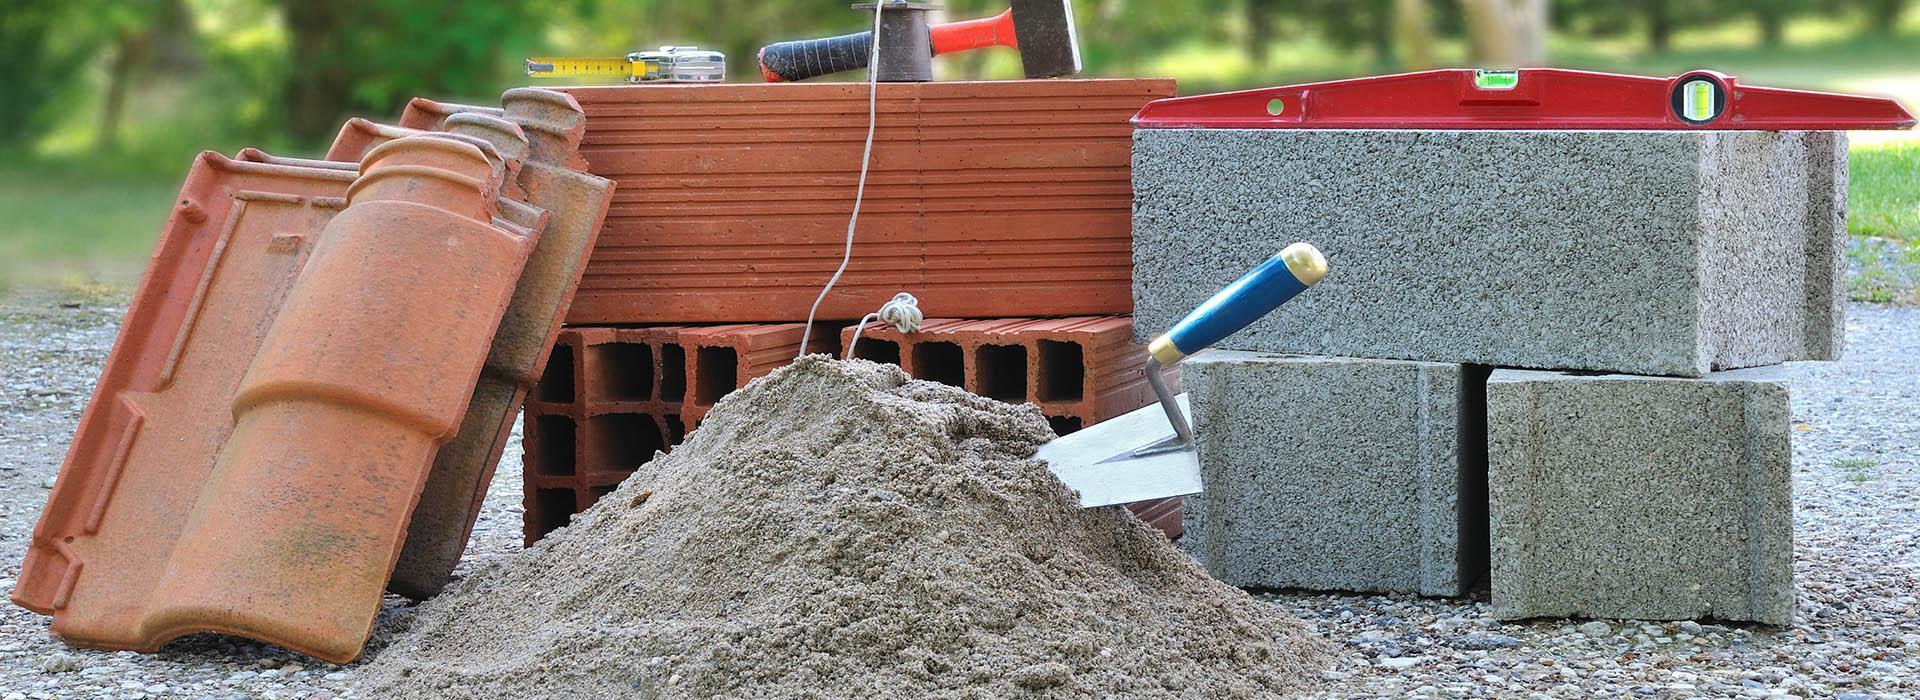 materiales-construccion.jpg